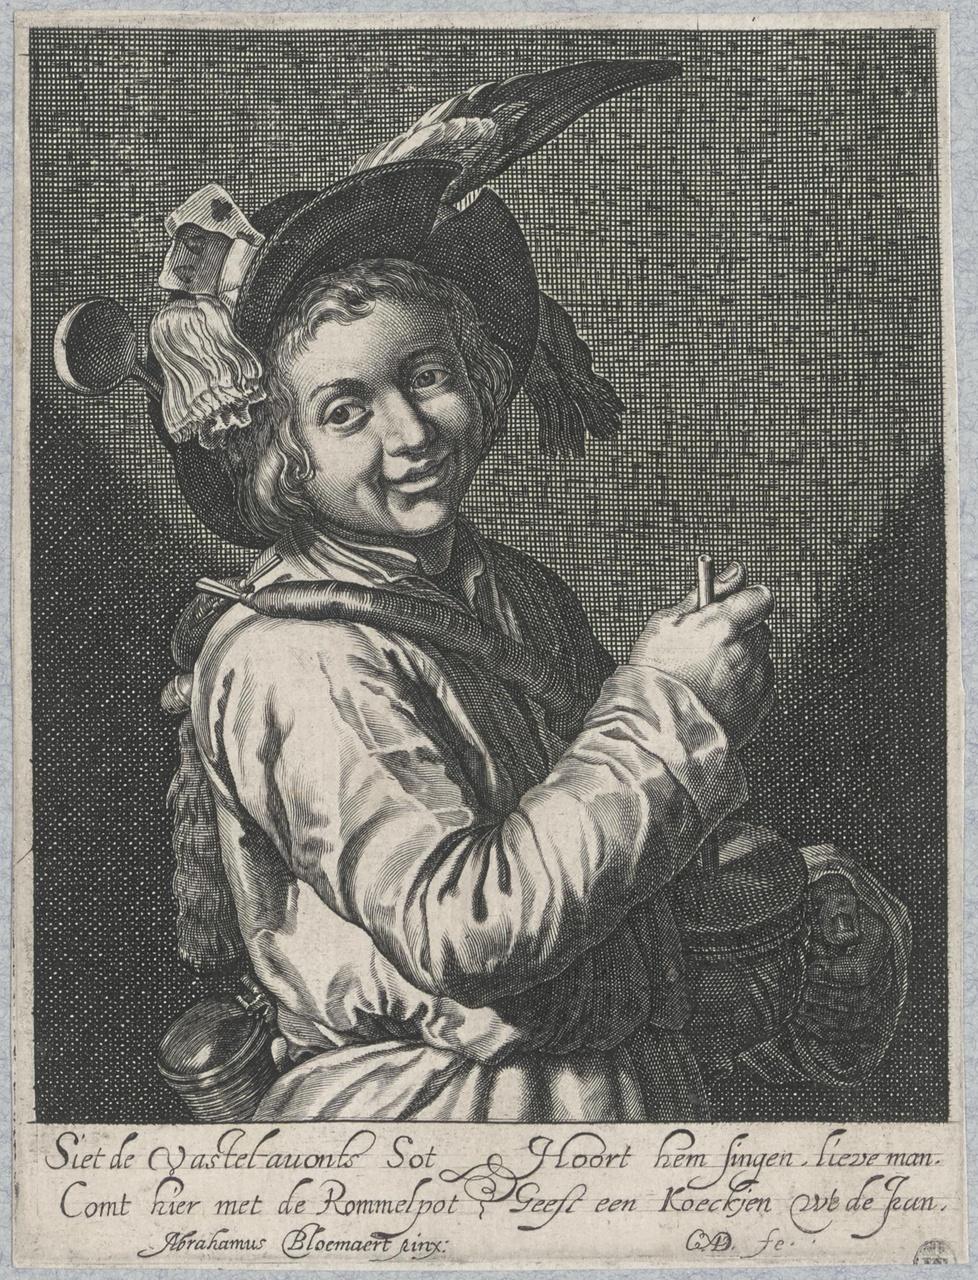 Jongen met rommelpot